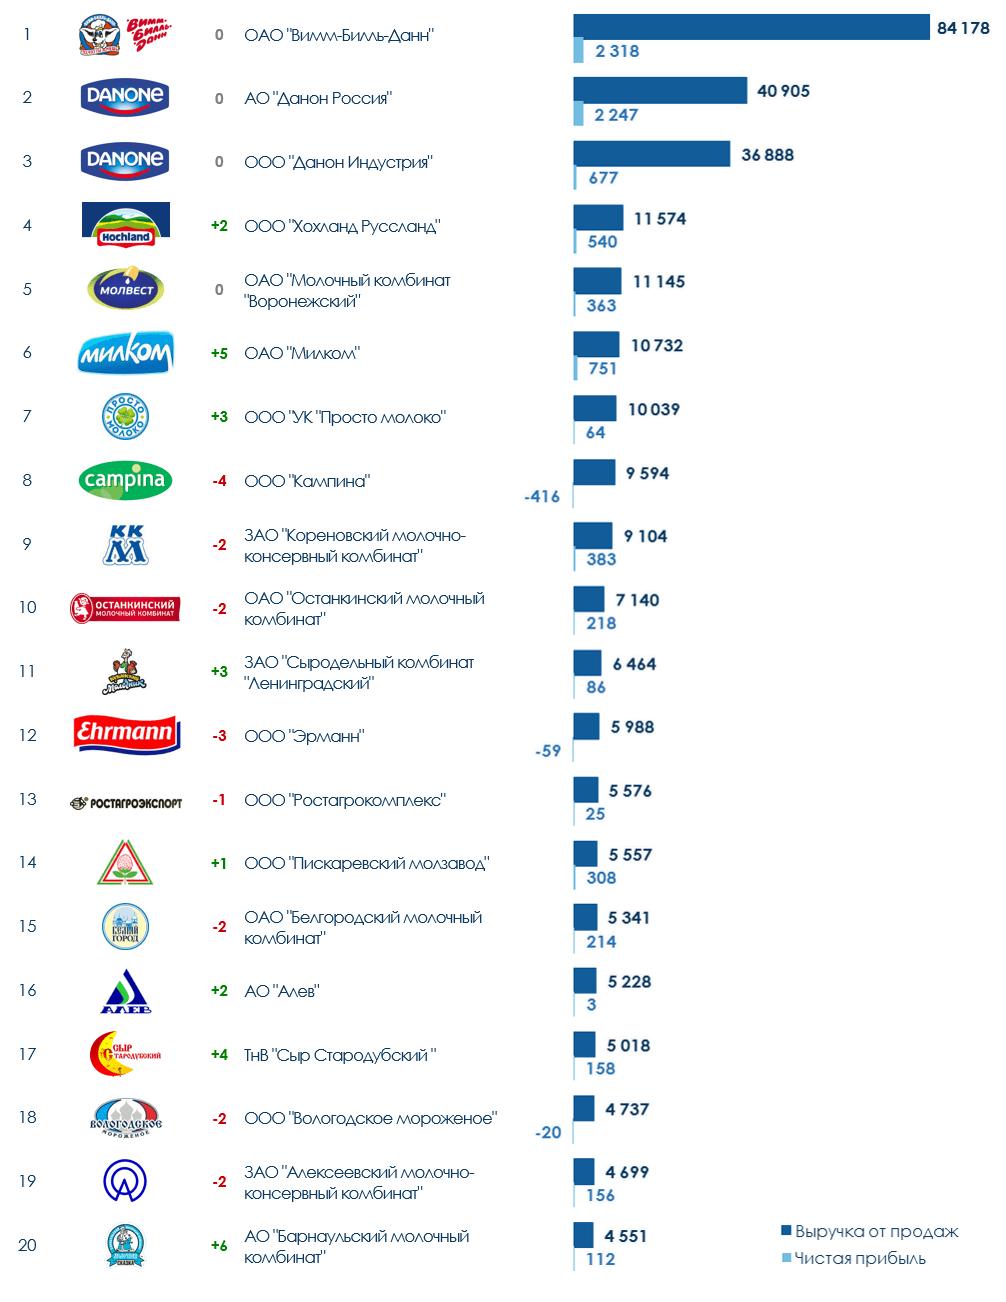 ТОП-20 компаний молочной промышленности России